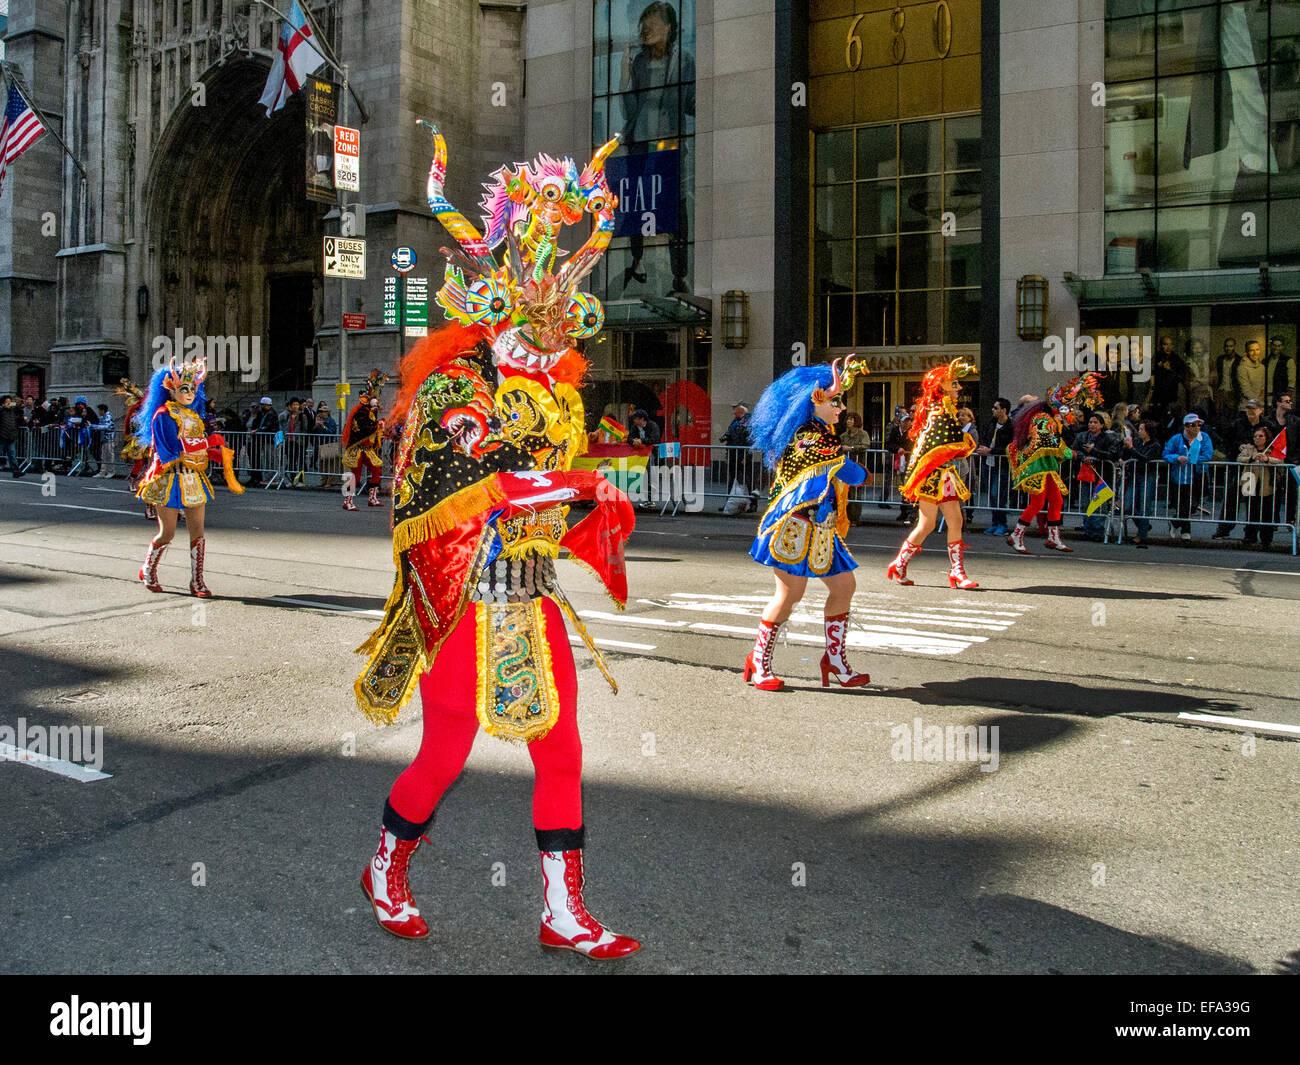 Las murgas elaboradamente manifestantes que representan culturas españolas étnicos regionales participan Imagen De Stock